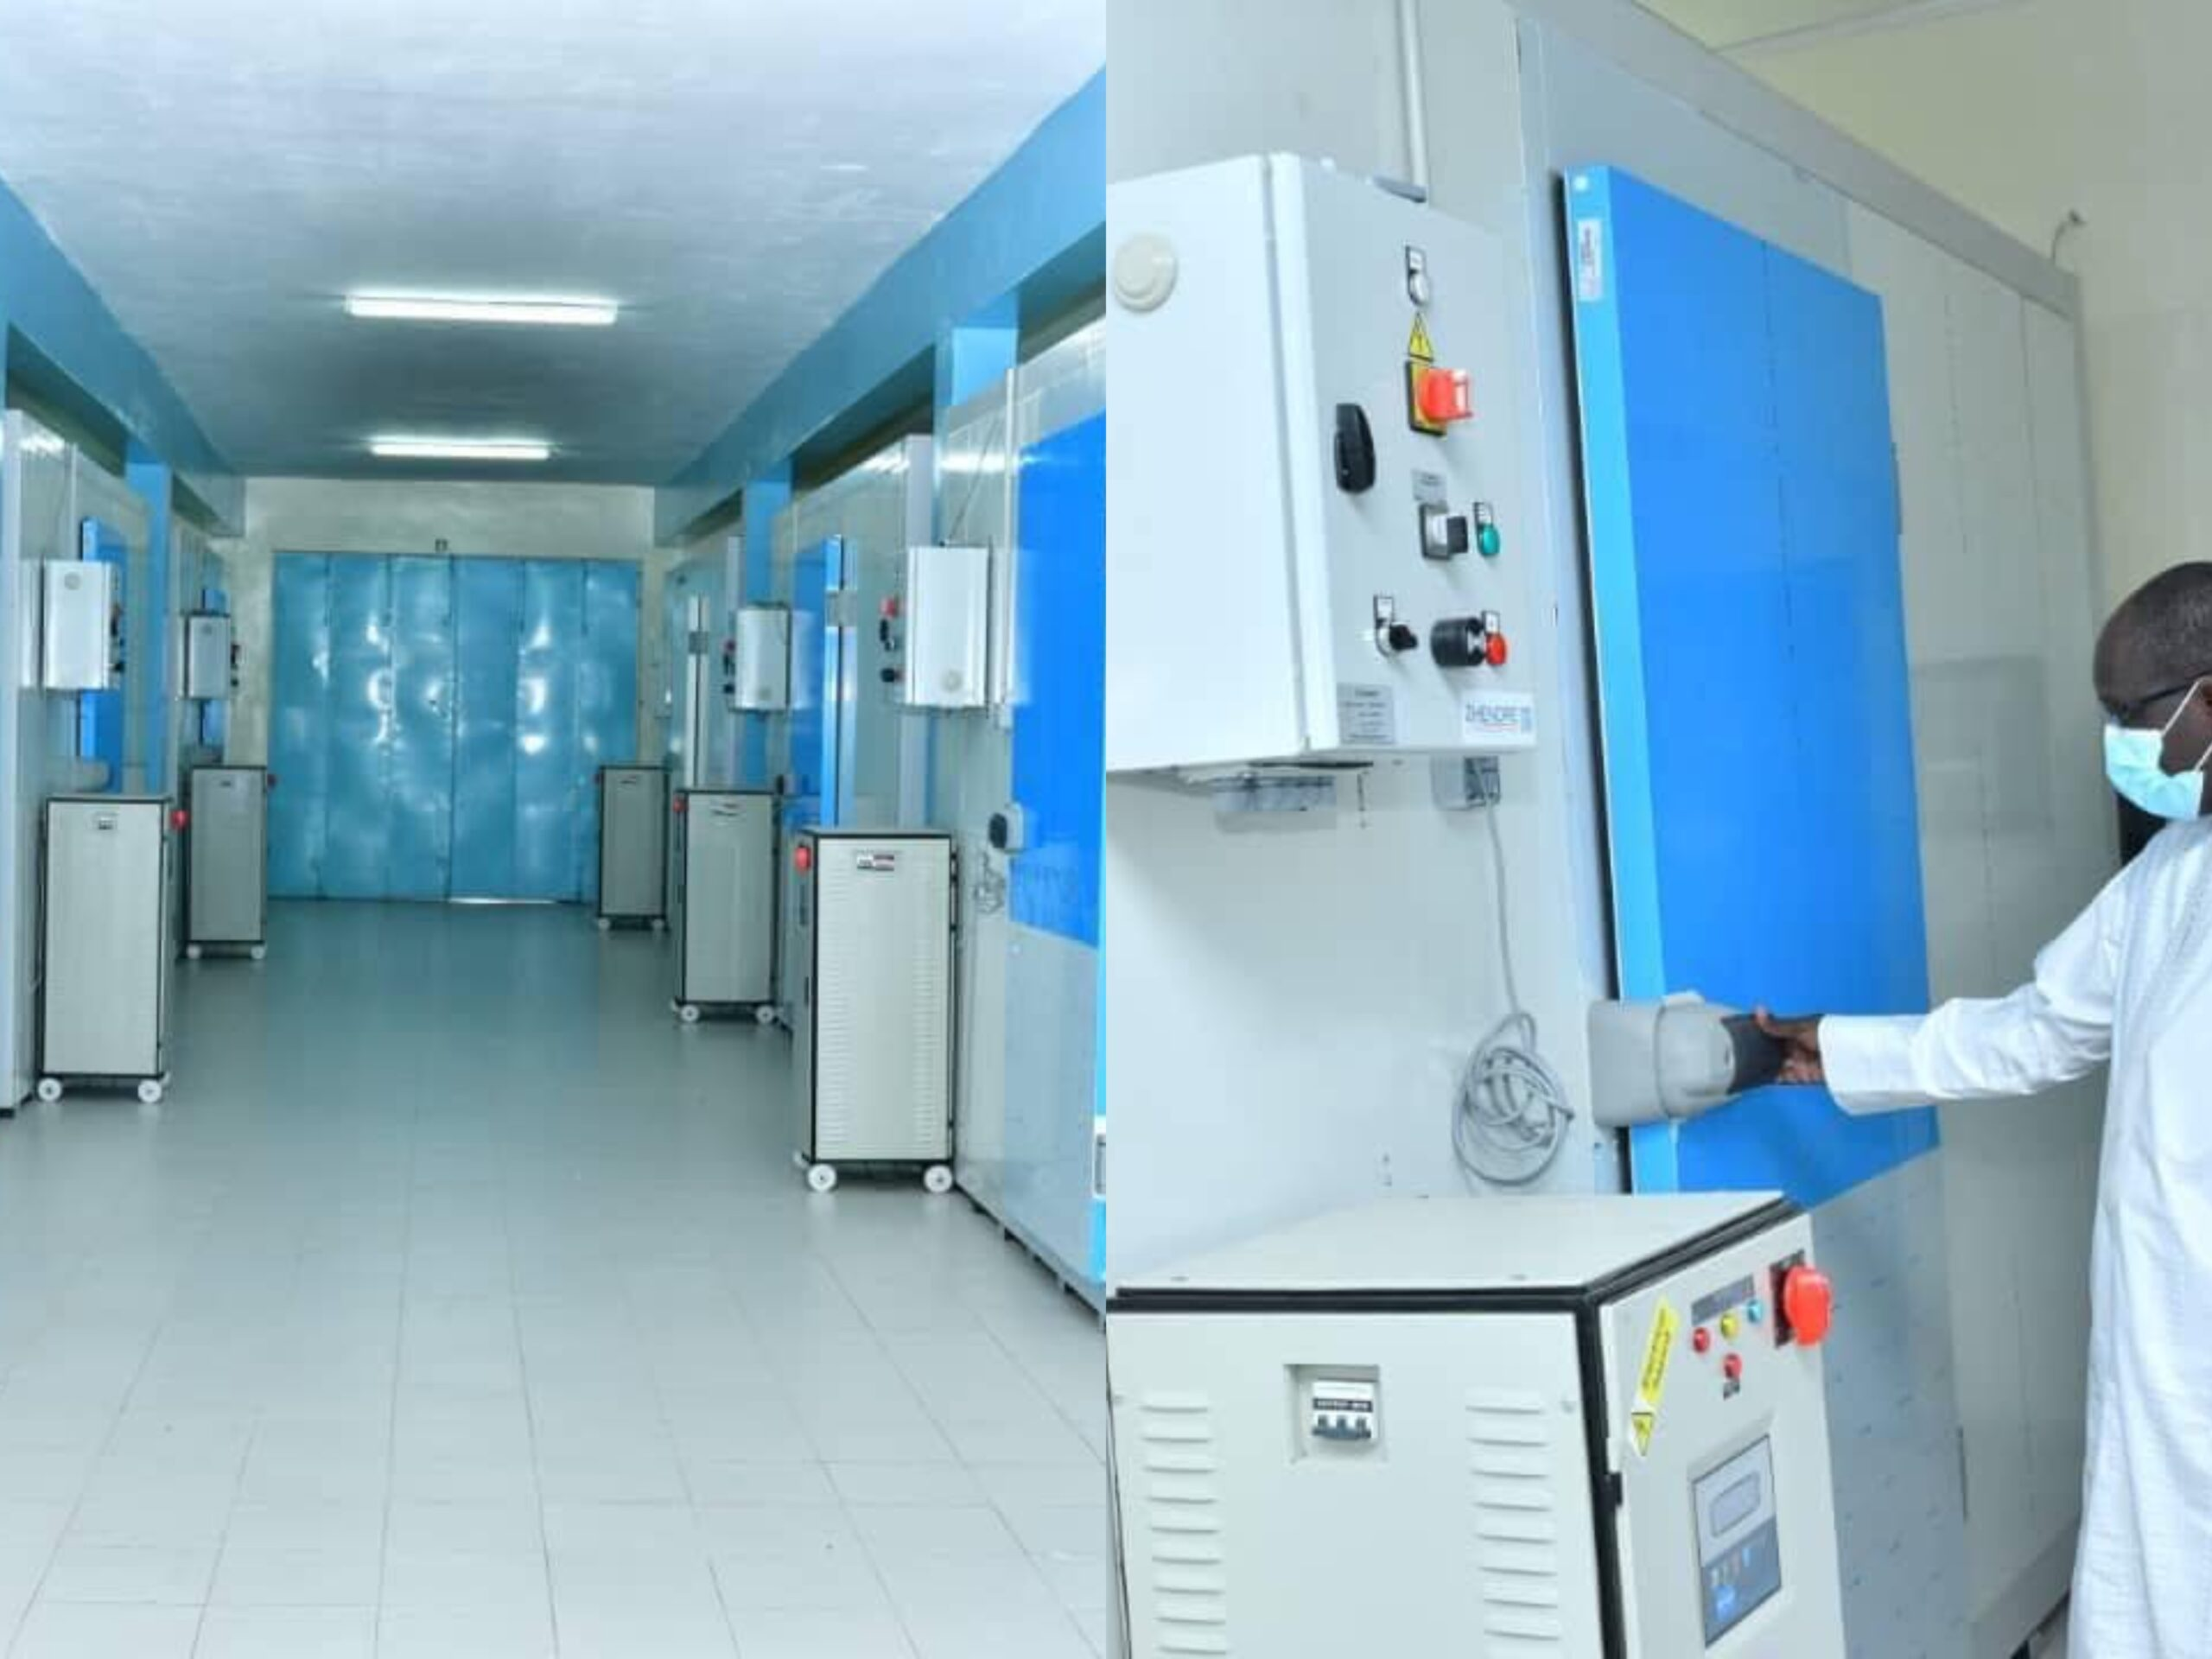 Stratégie de vaccination : Le Sénégal réceptionne 1117 réfrigérateurs pour la conservation des vaccins